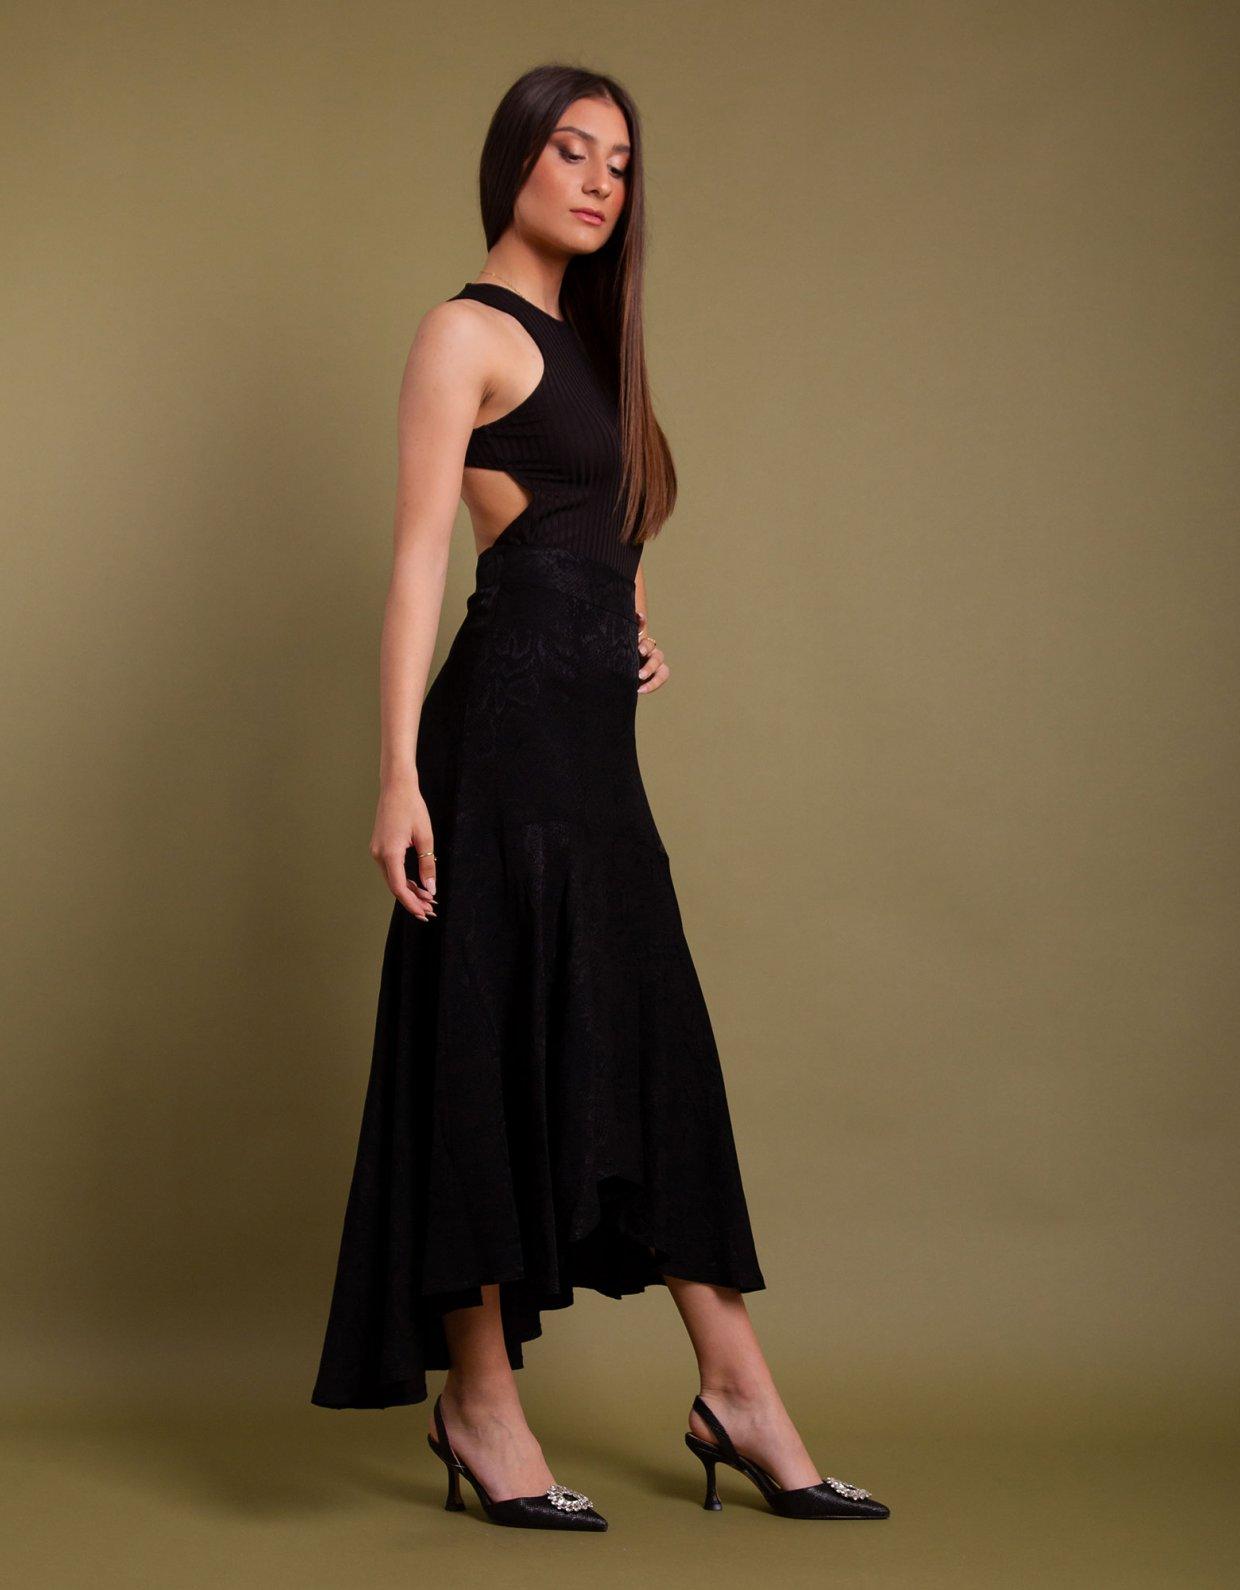 Nidodileda Caile skirt black